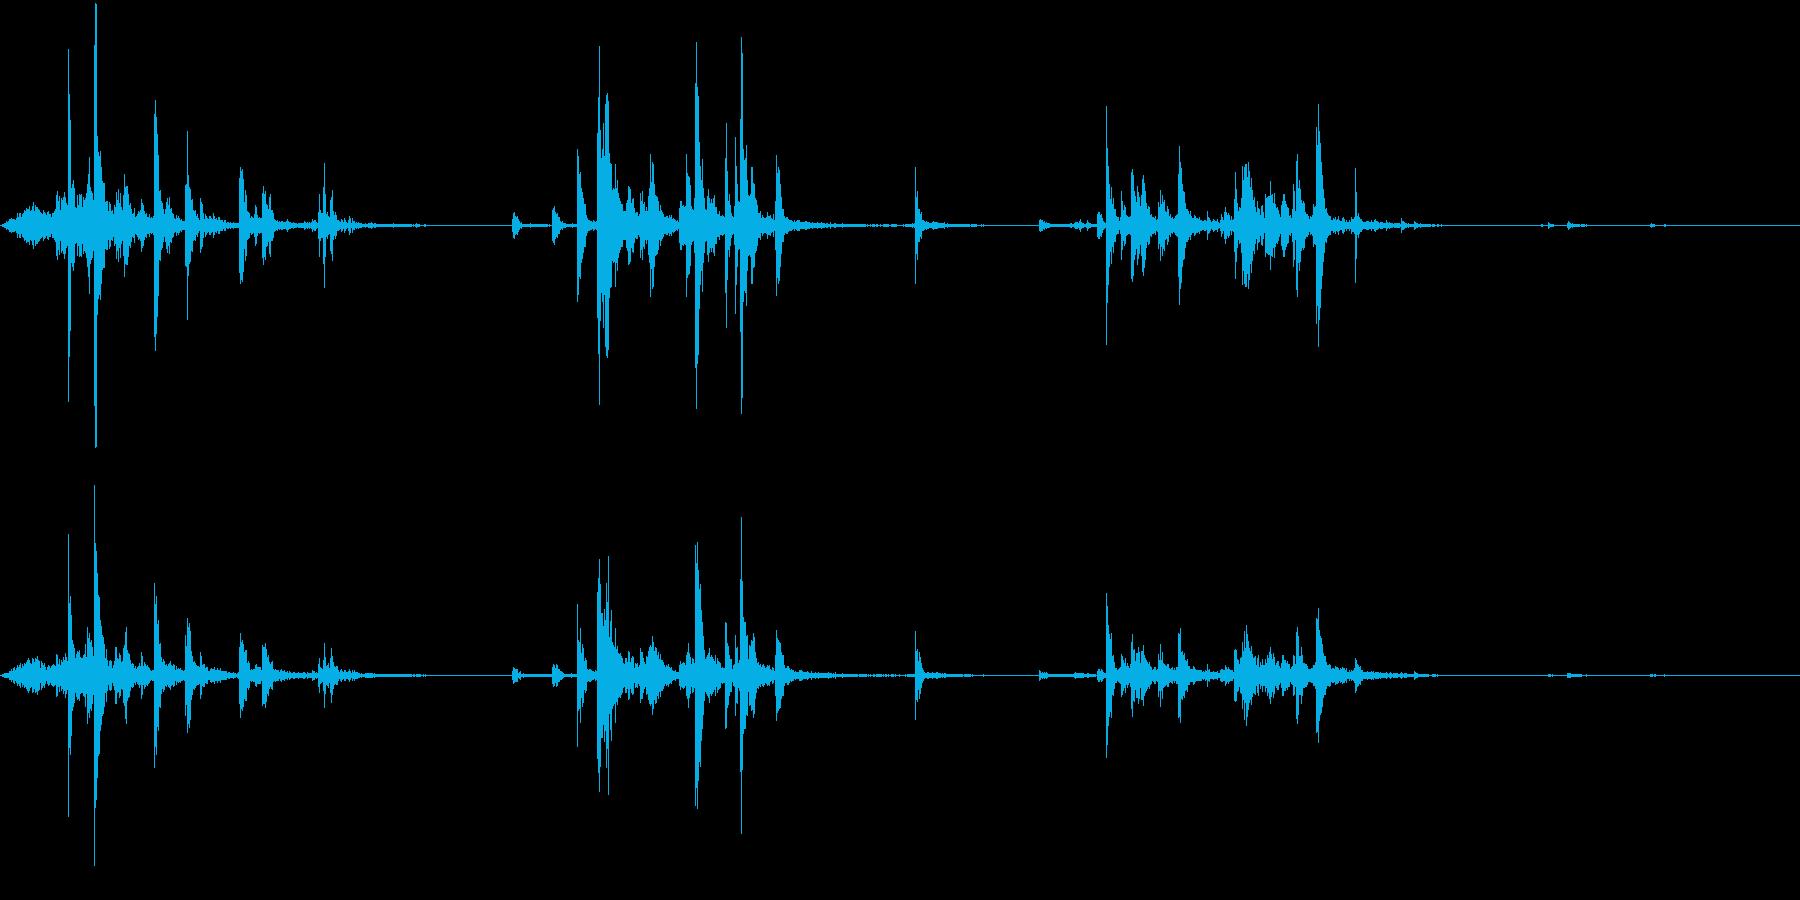 【生録音】ハンガーの音 3 探すの再生済みの波形